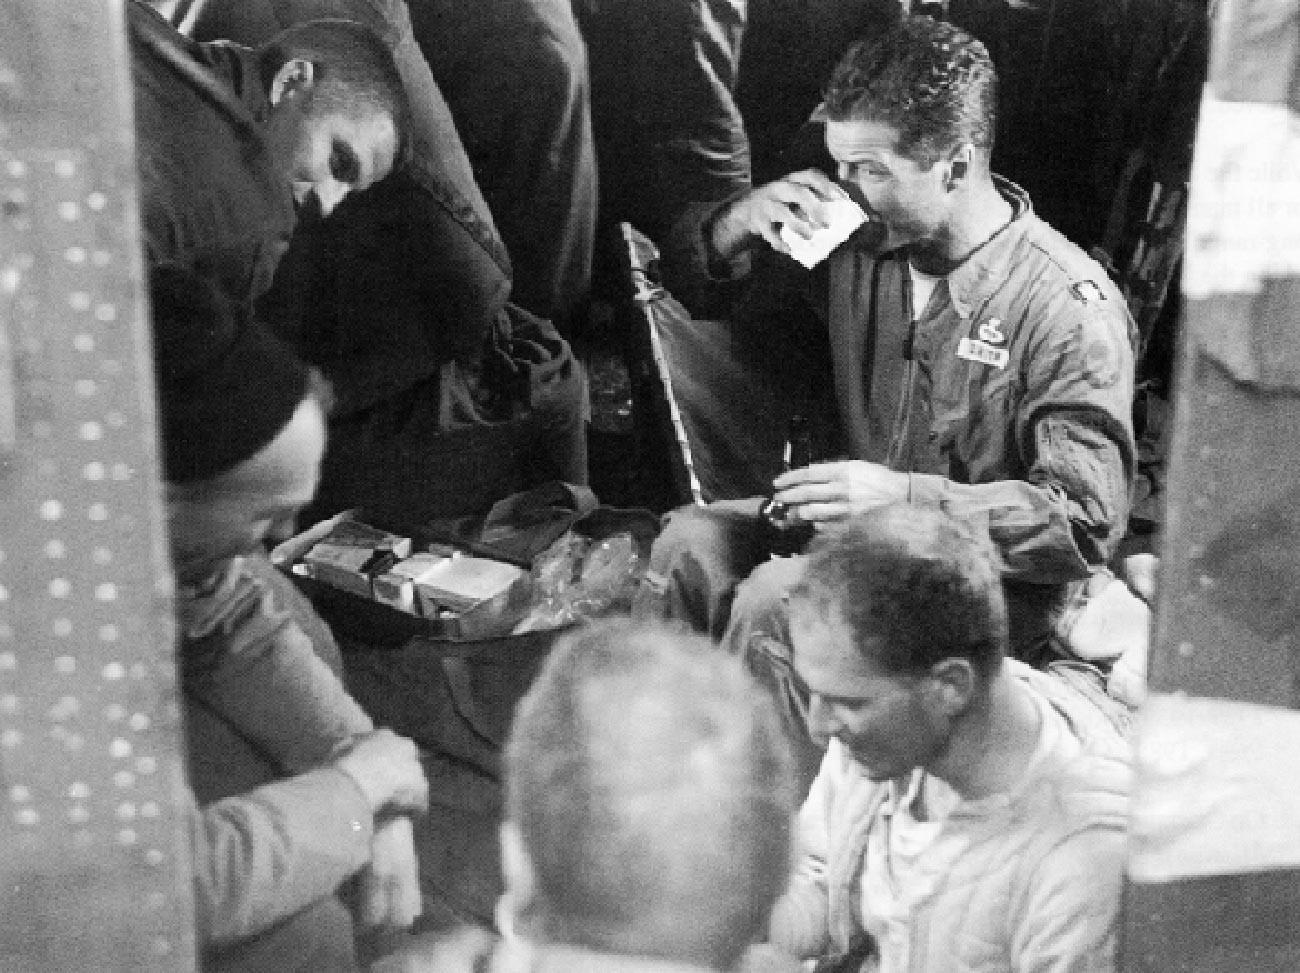 Participants à l'opération après l'ascension réussie des experts à bord du B-17: le major Smith (avec une tasse) prenant une portion de